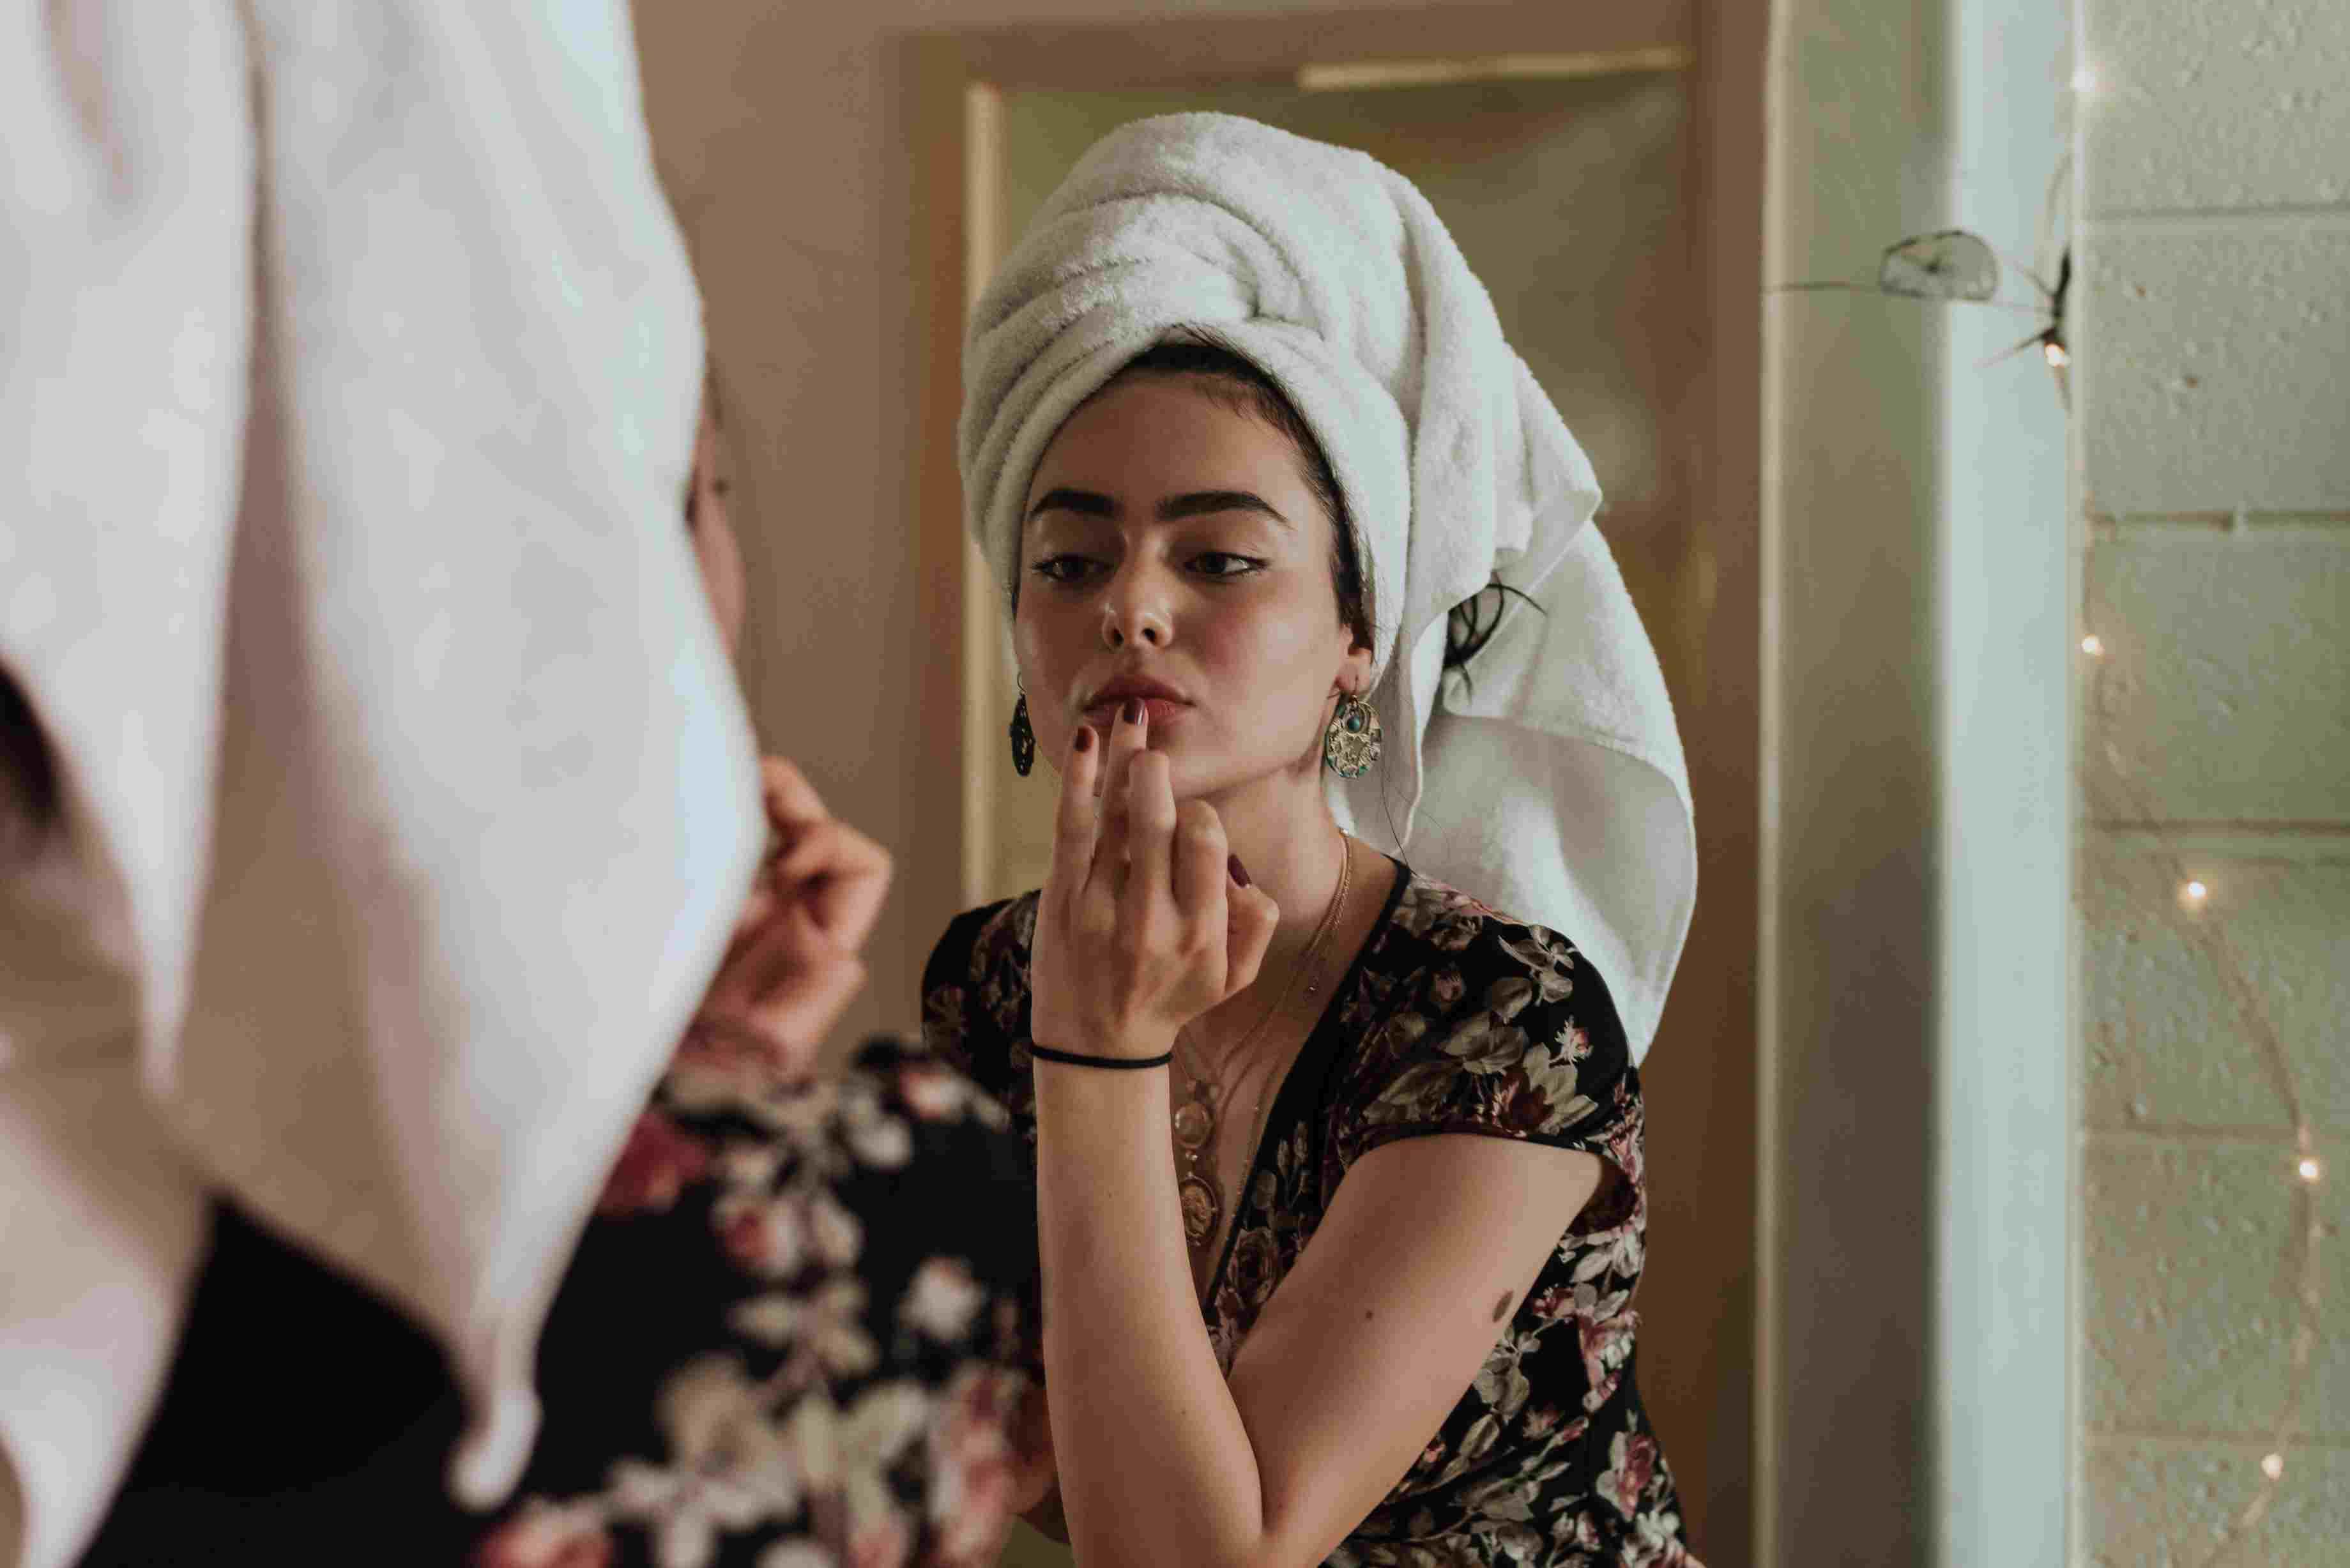 Για τέλειο αποτέλεσμα, το foundation θα πρέπει να καλύπτει τις ανάγκες του δέρματός σας.